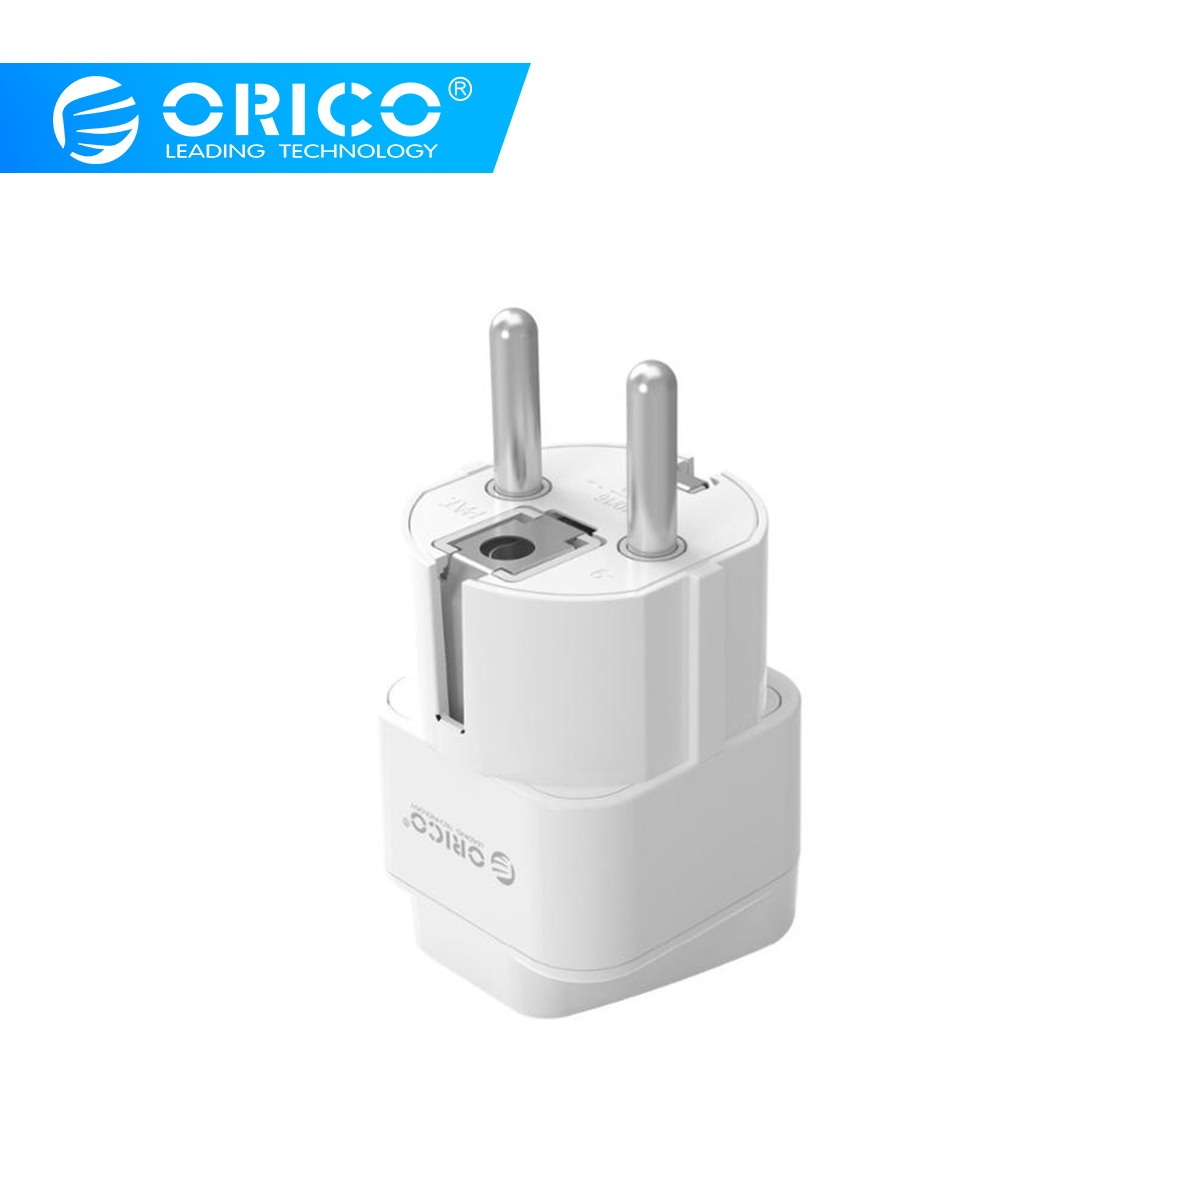 ORICO universel voyage prise électrique AU US FR IT AC prise adaptateurs de puissance convertisseur blanc prise intelligente prise murale